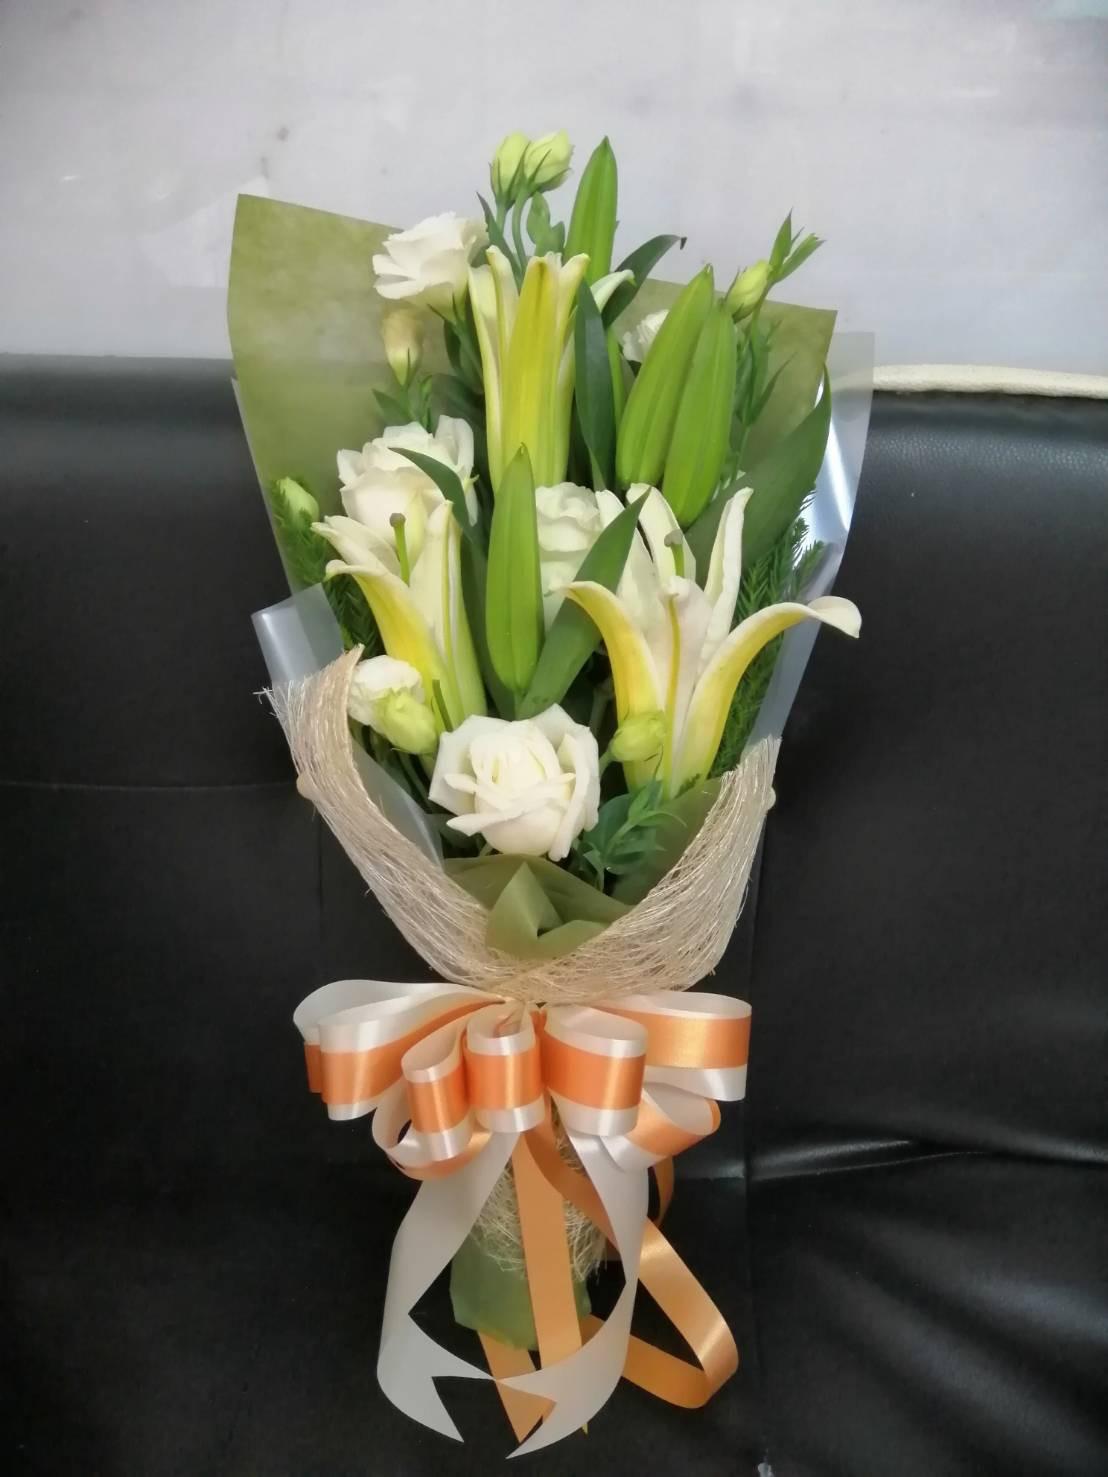 เมื่อนำดอกกุหลาบขาวและลิลลี่มาจัดเป็นช่อดอกไม้ แลดูไฮโซ สะอาดตาสุด ๆ